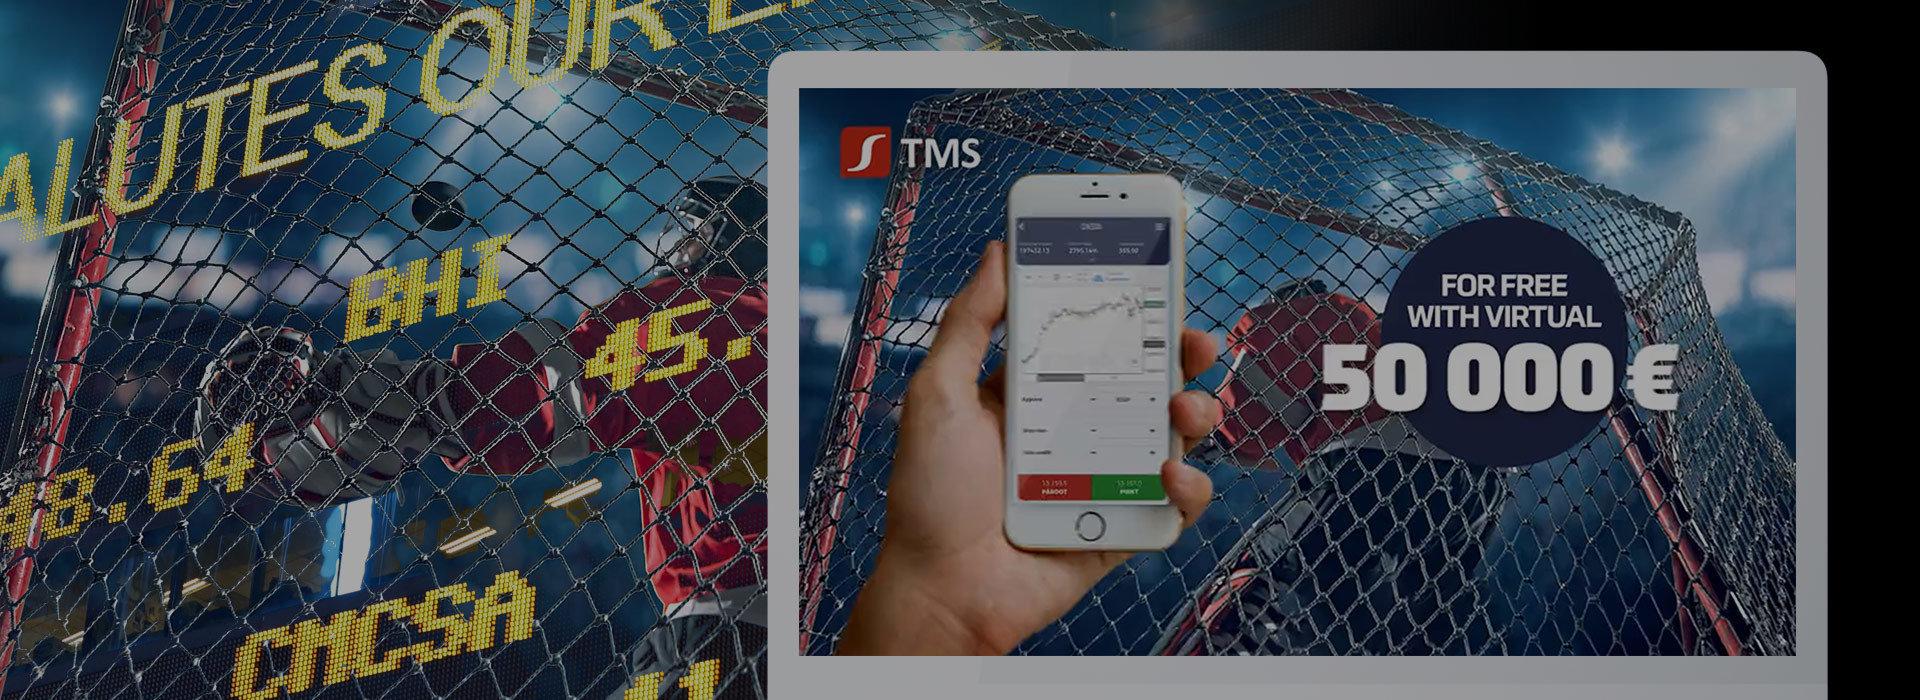 Reklamy telewizyjne TMS Europe na rynek nadbałtycki.